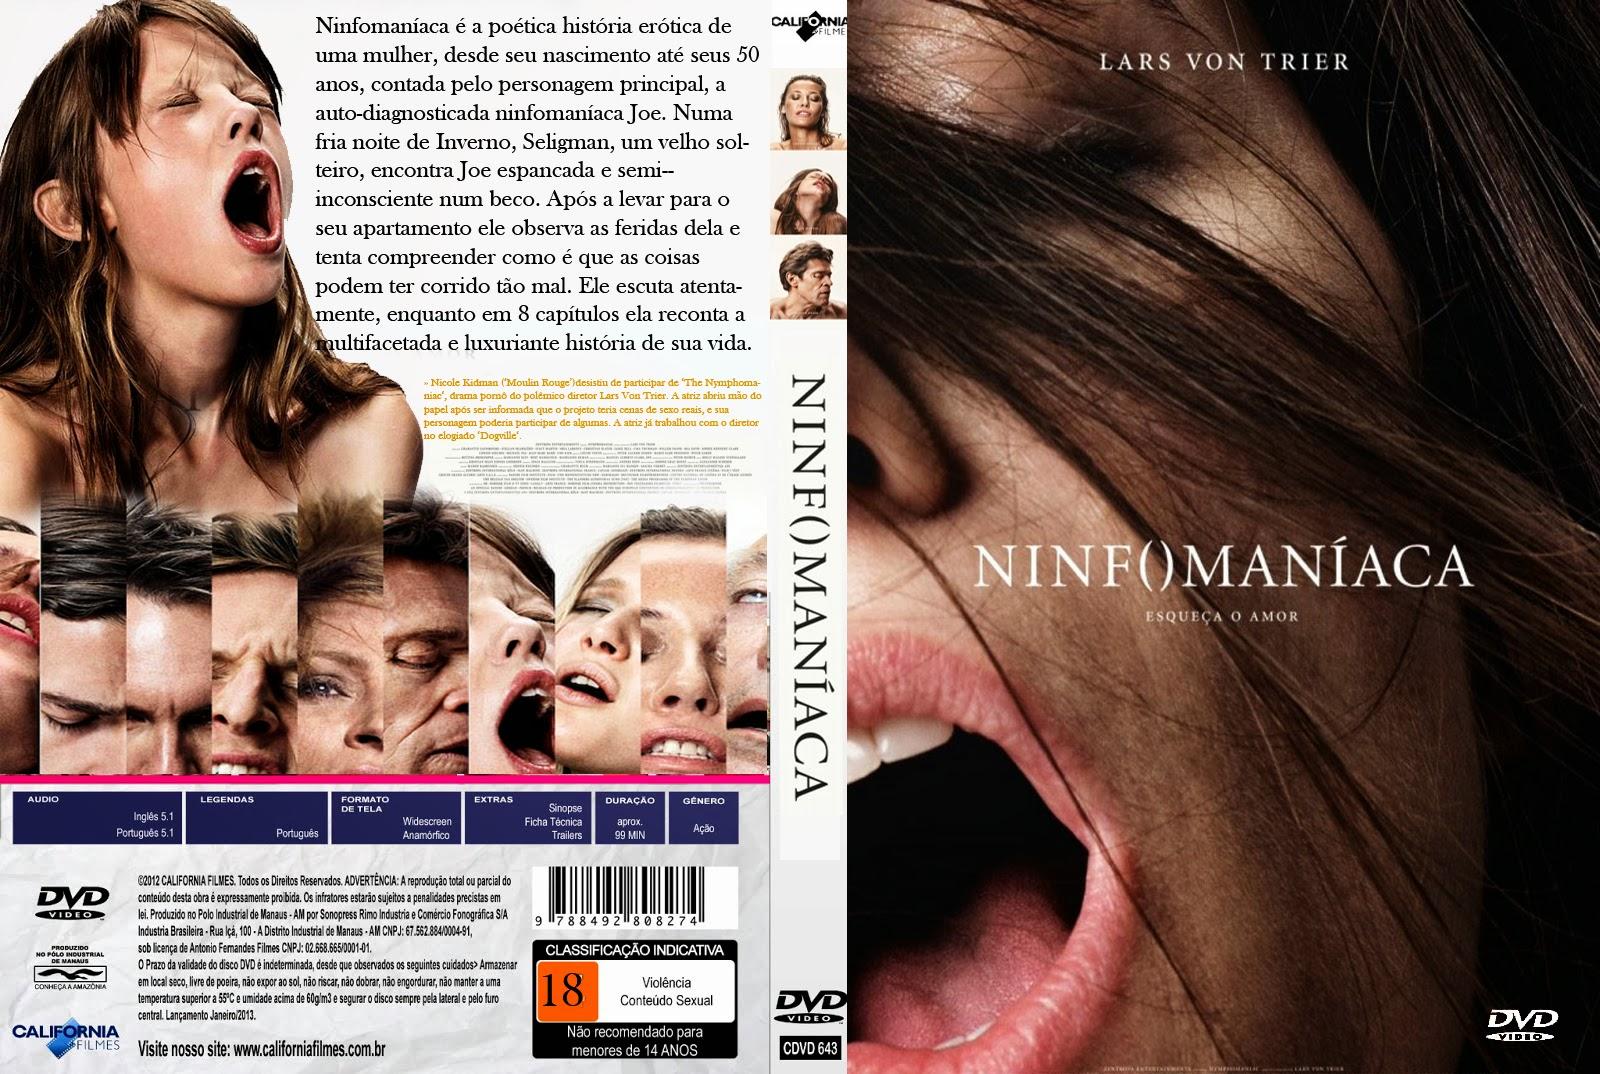 Duologia Ninfomaníaca Duologia Ninfomaníaca Ninfoman C3 ADaca  E2 80 93 Volume 1